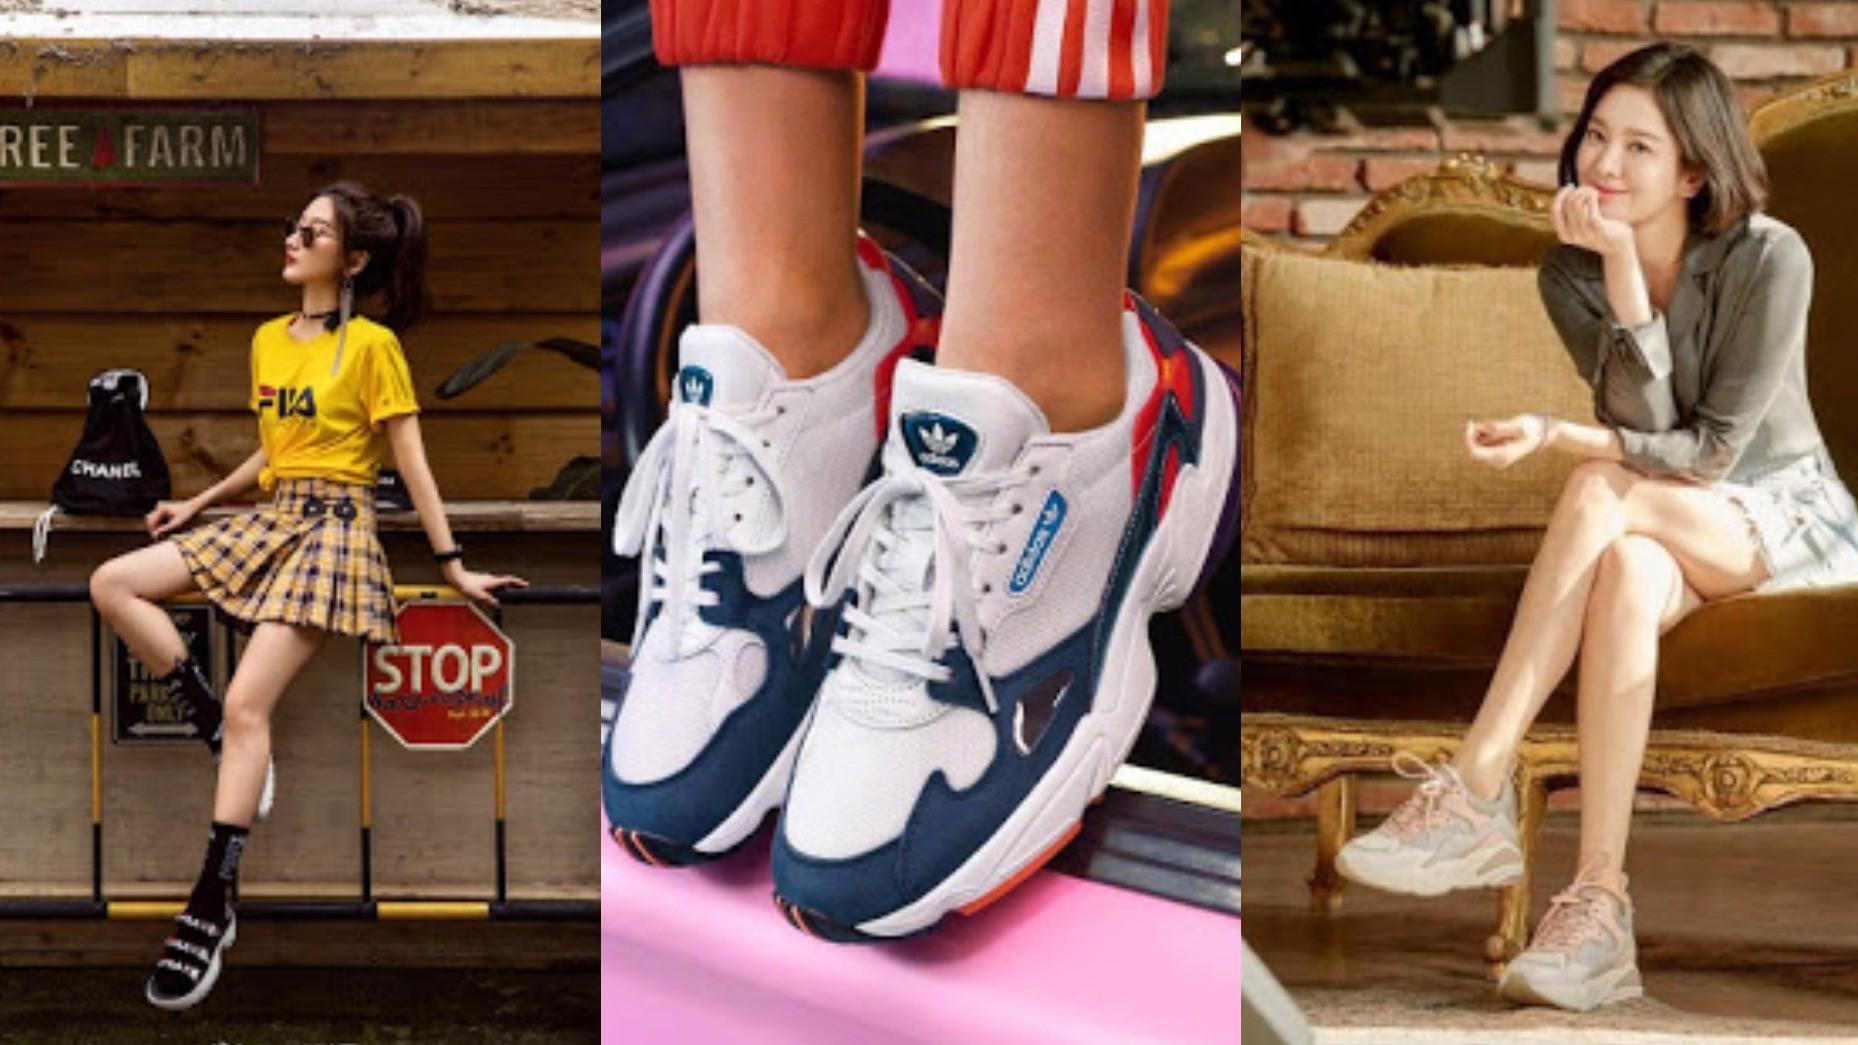 IG上老爹鞋正夯你還沒跟上嗎?三大重點告訴你老爹鞋穿搭秘訣!